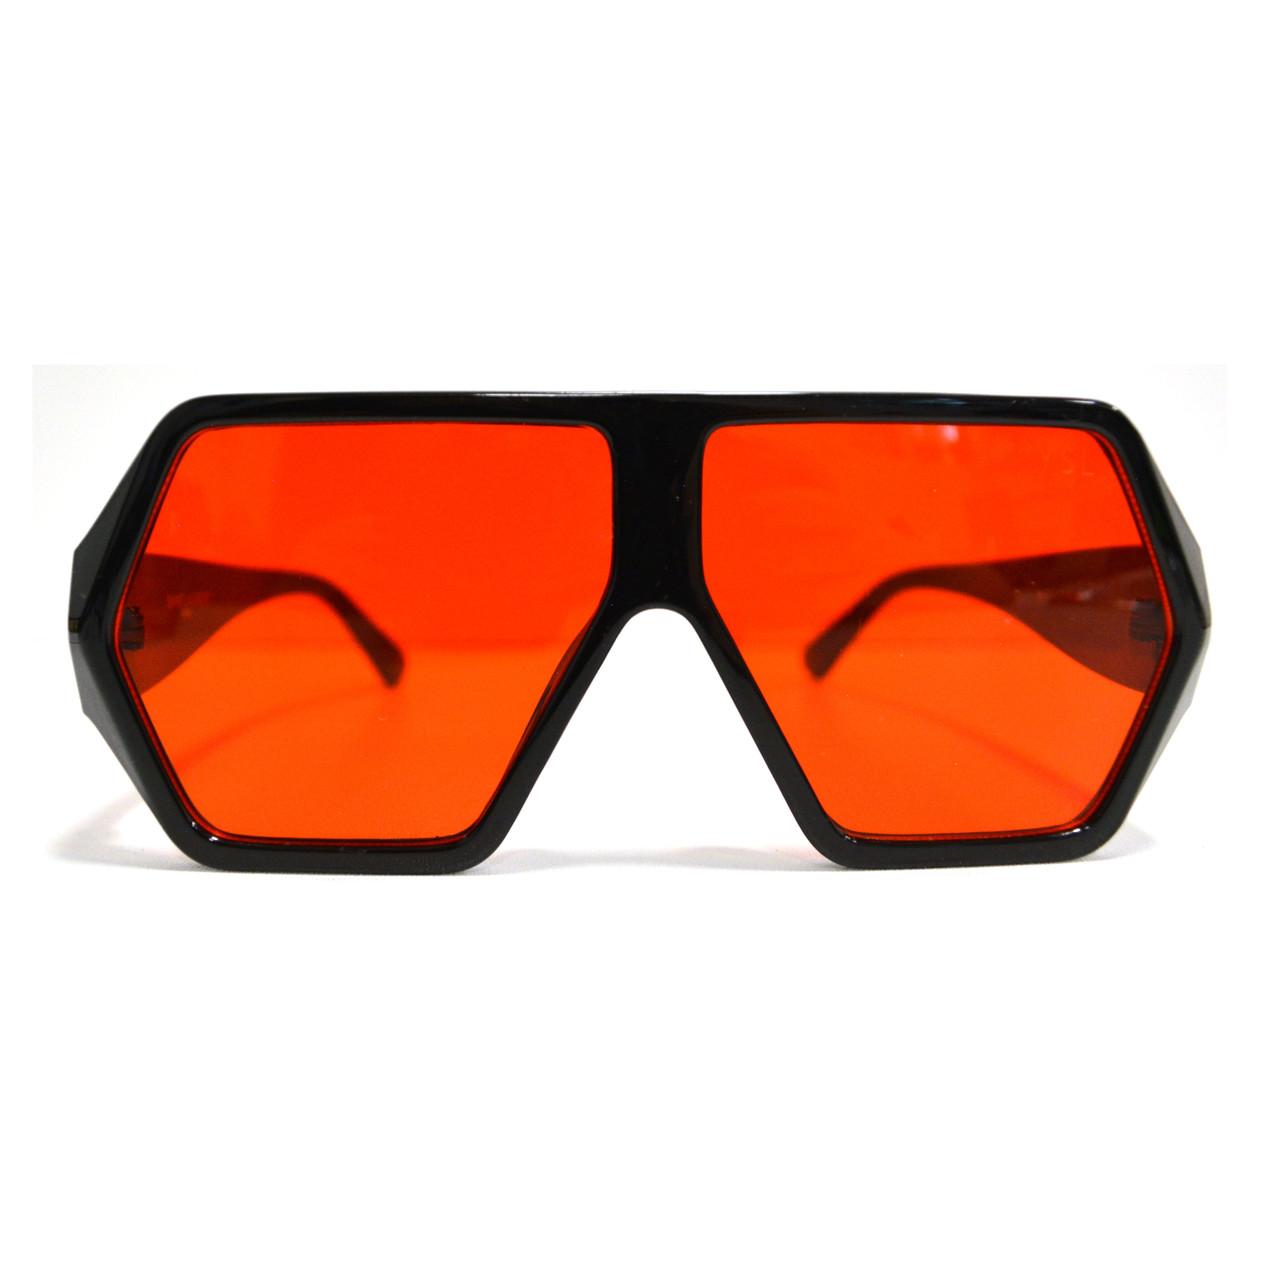 Солнцезащитные очки с красными стеклами с широкой черной дужкой YSL 3010 - фото 3